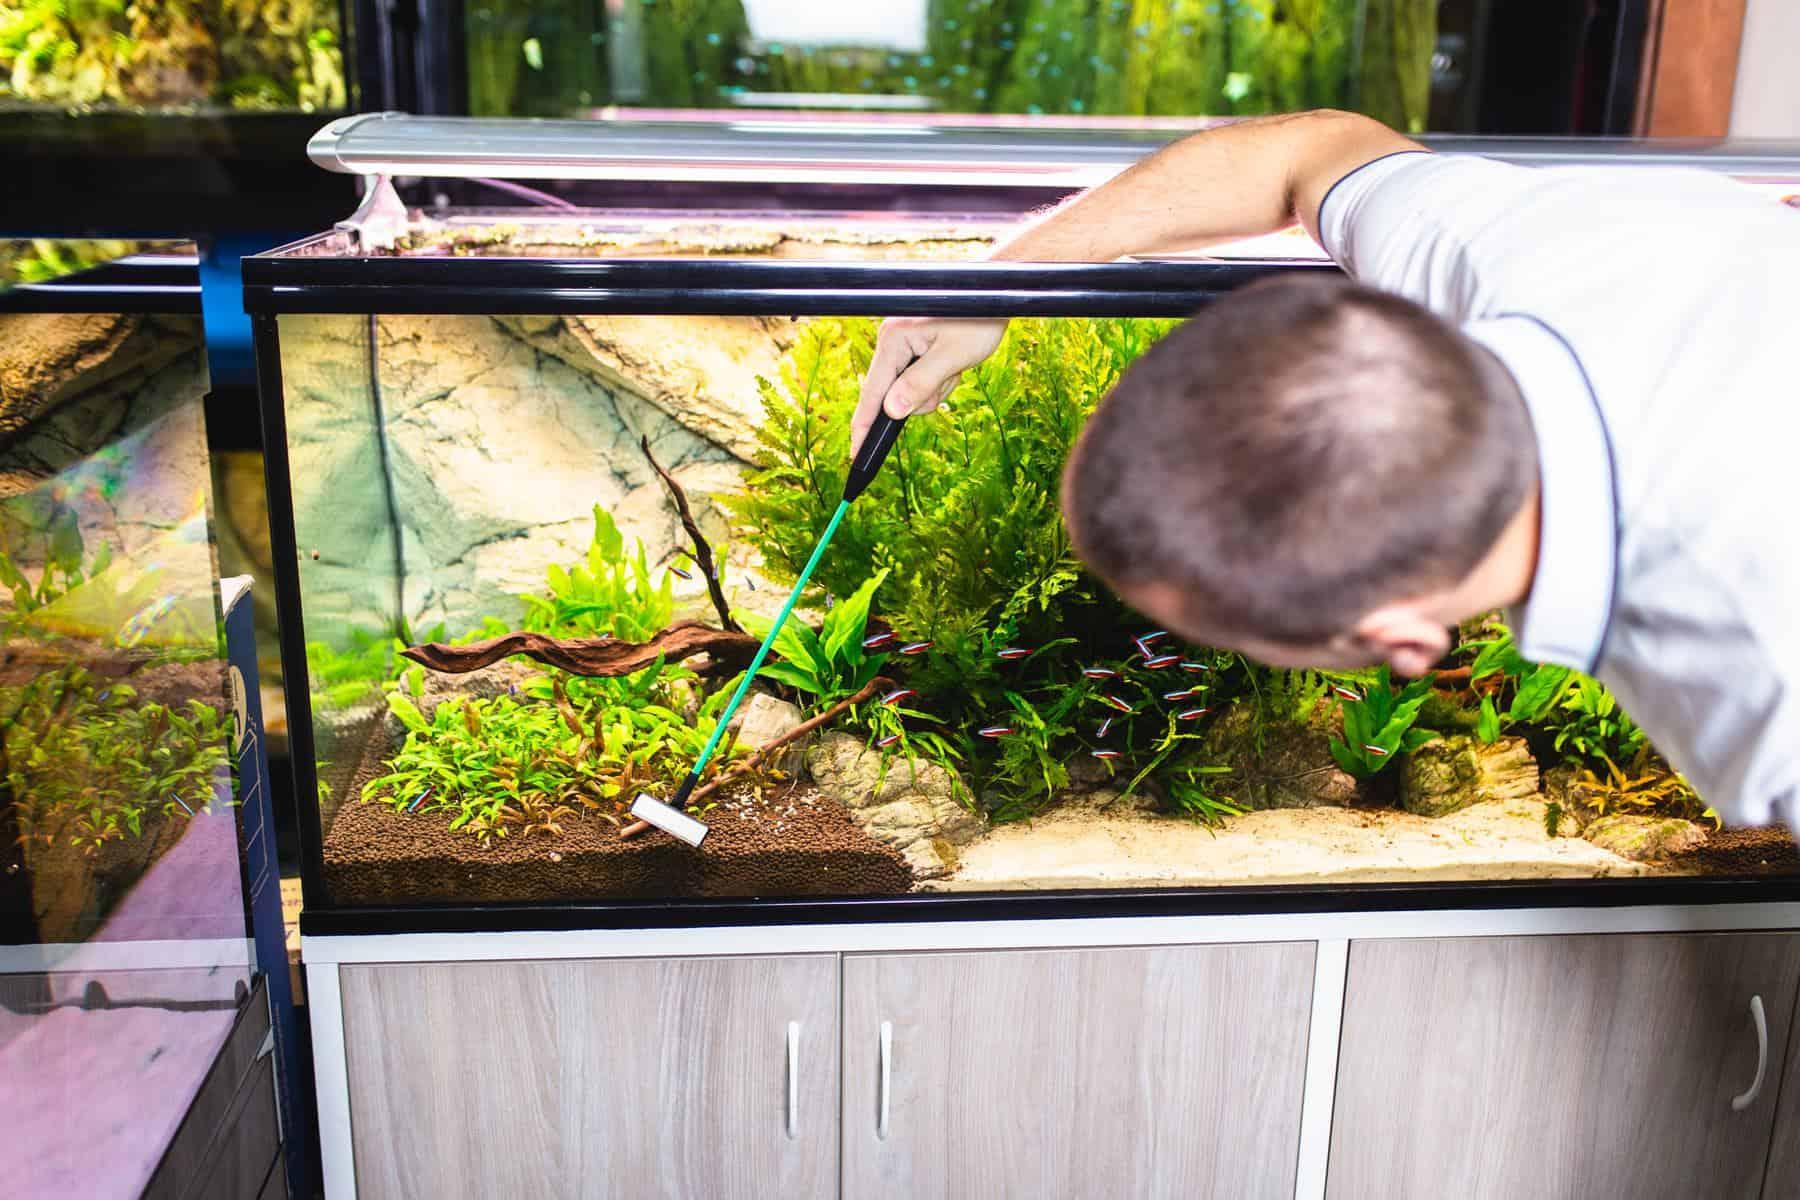 man cleaning aquarium